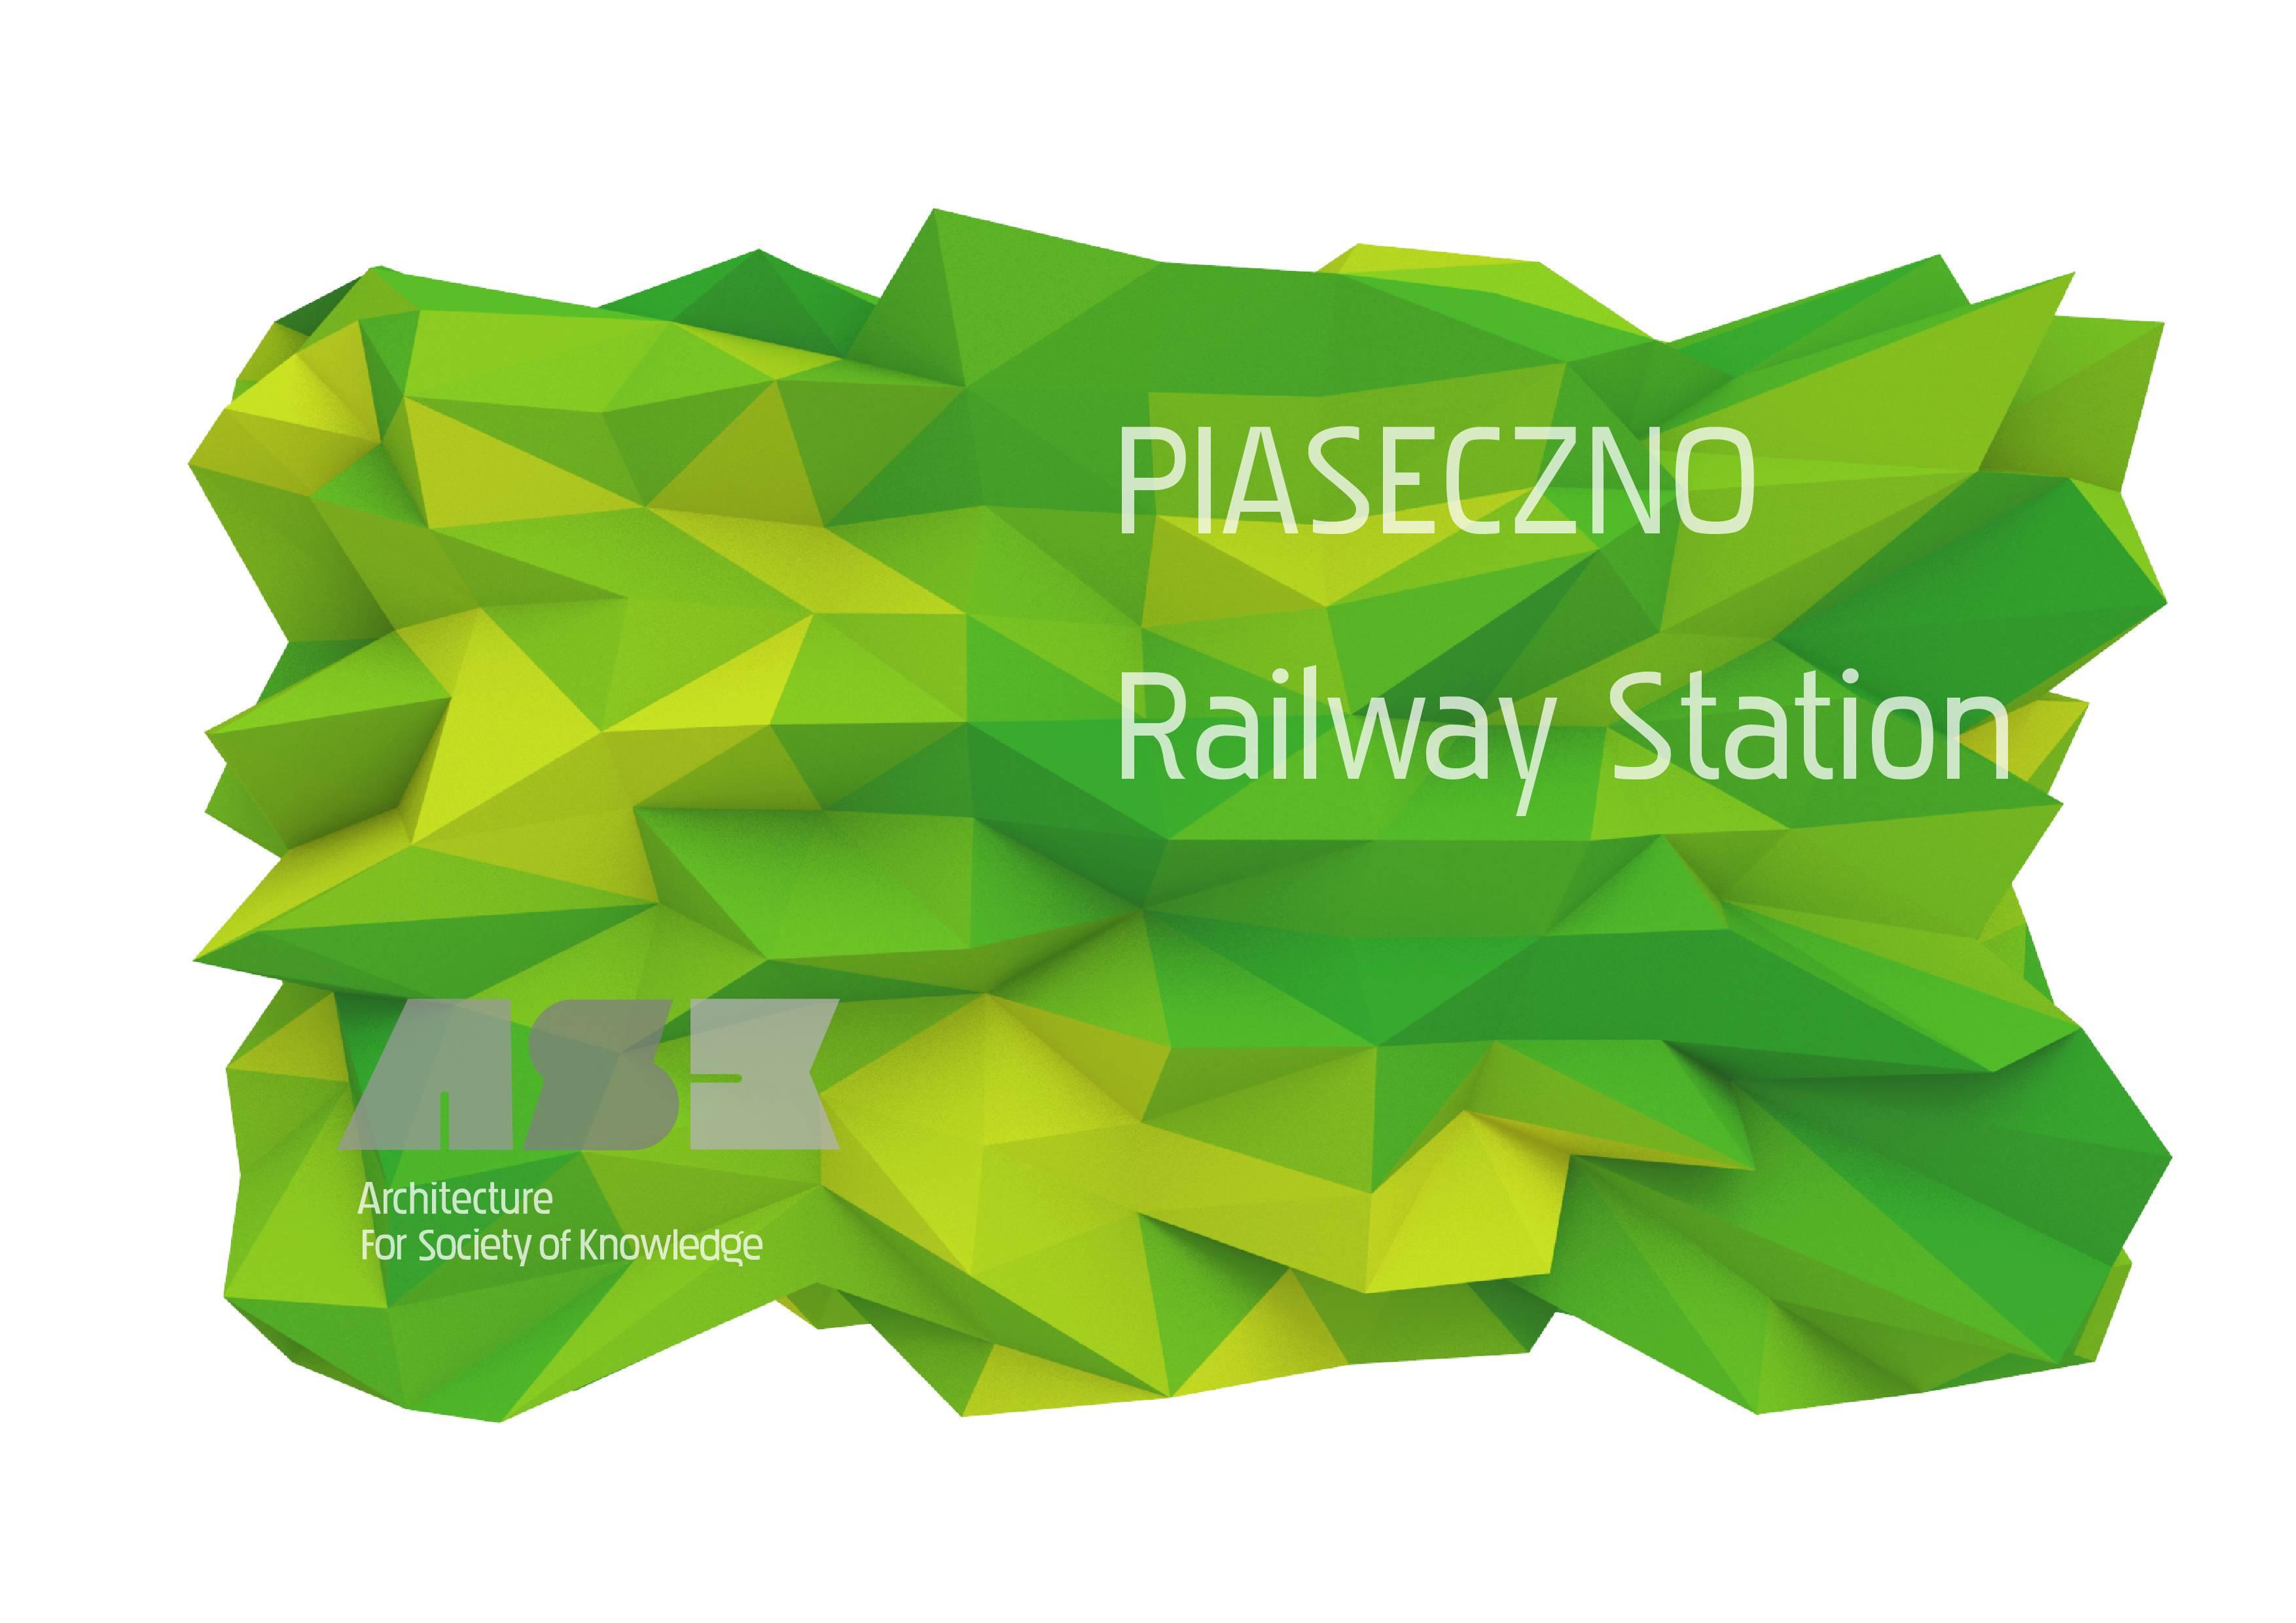 Piaseczno Railway Station